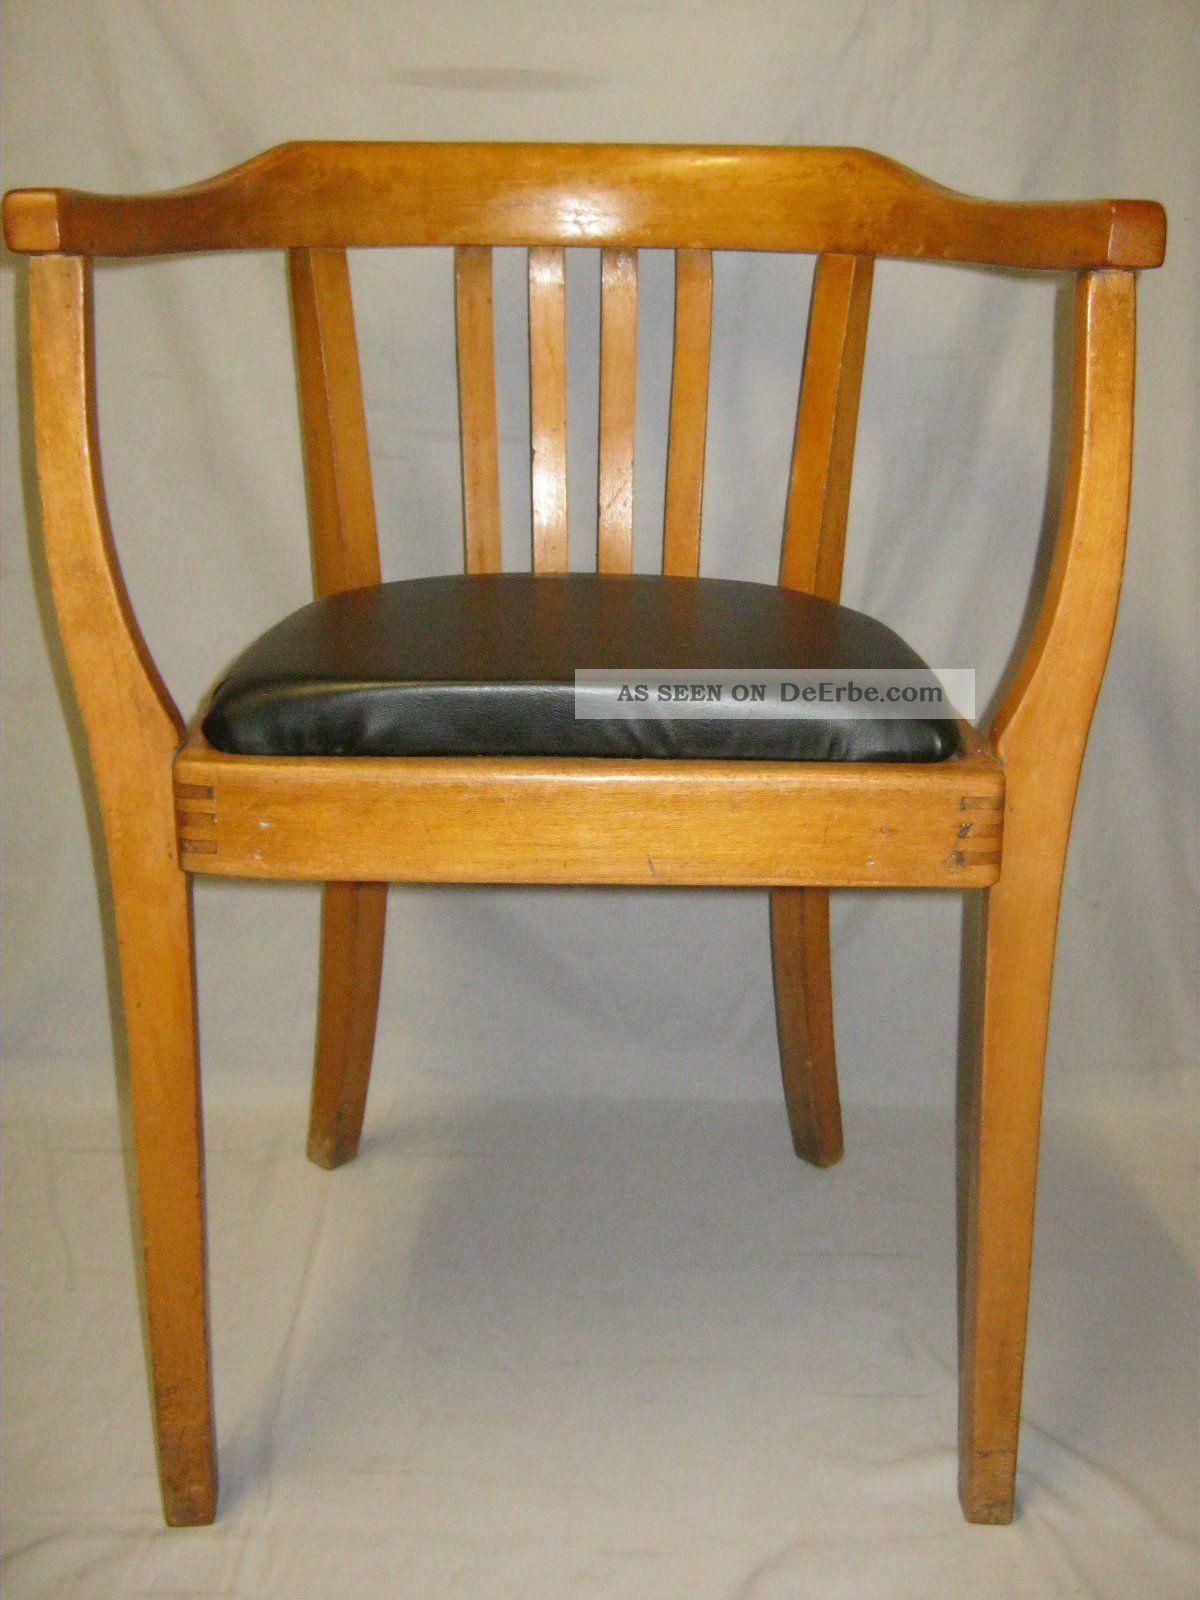 Schreibtischstuhl antik  schreibtischstuhl antik - Begix.deBegix.de